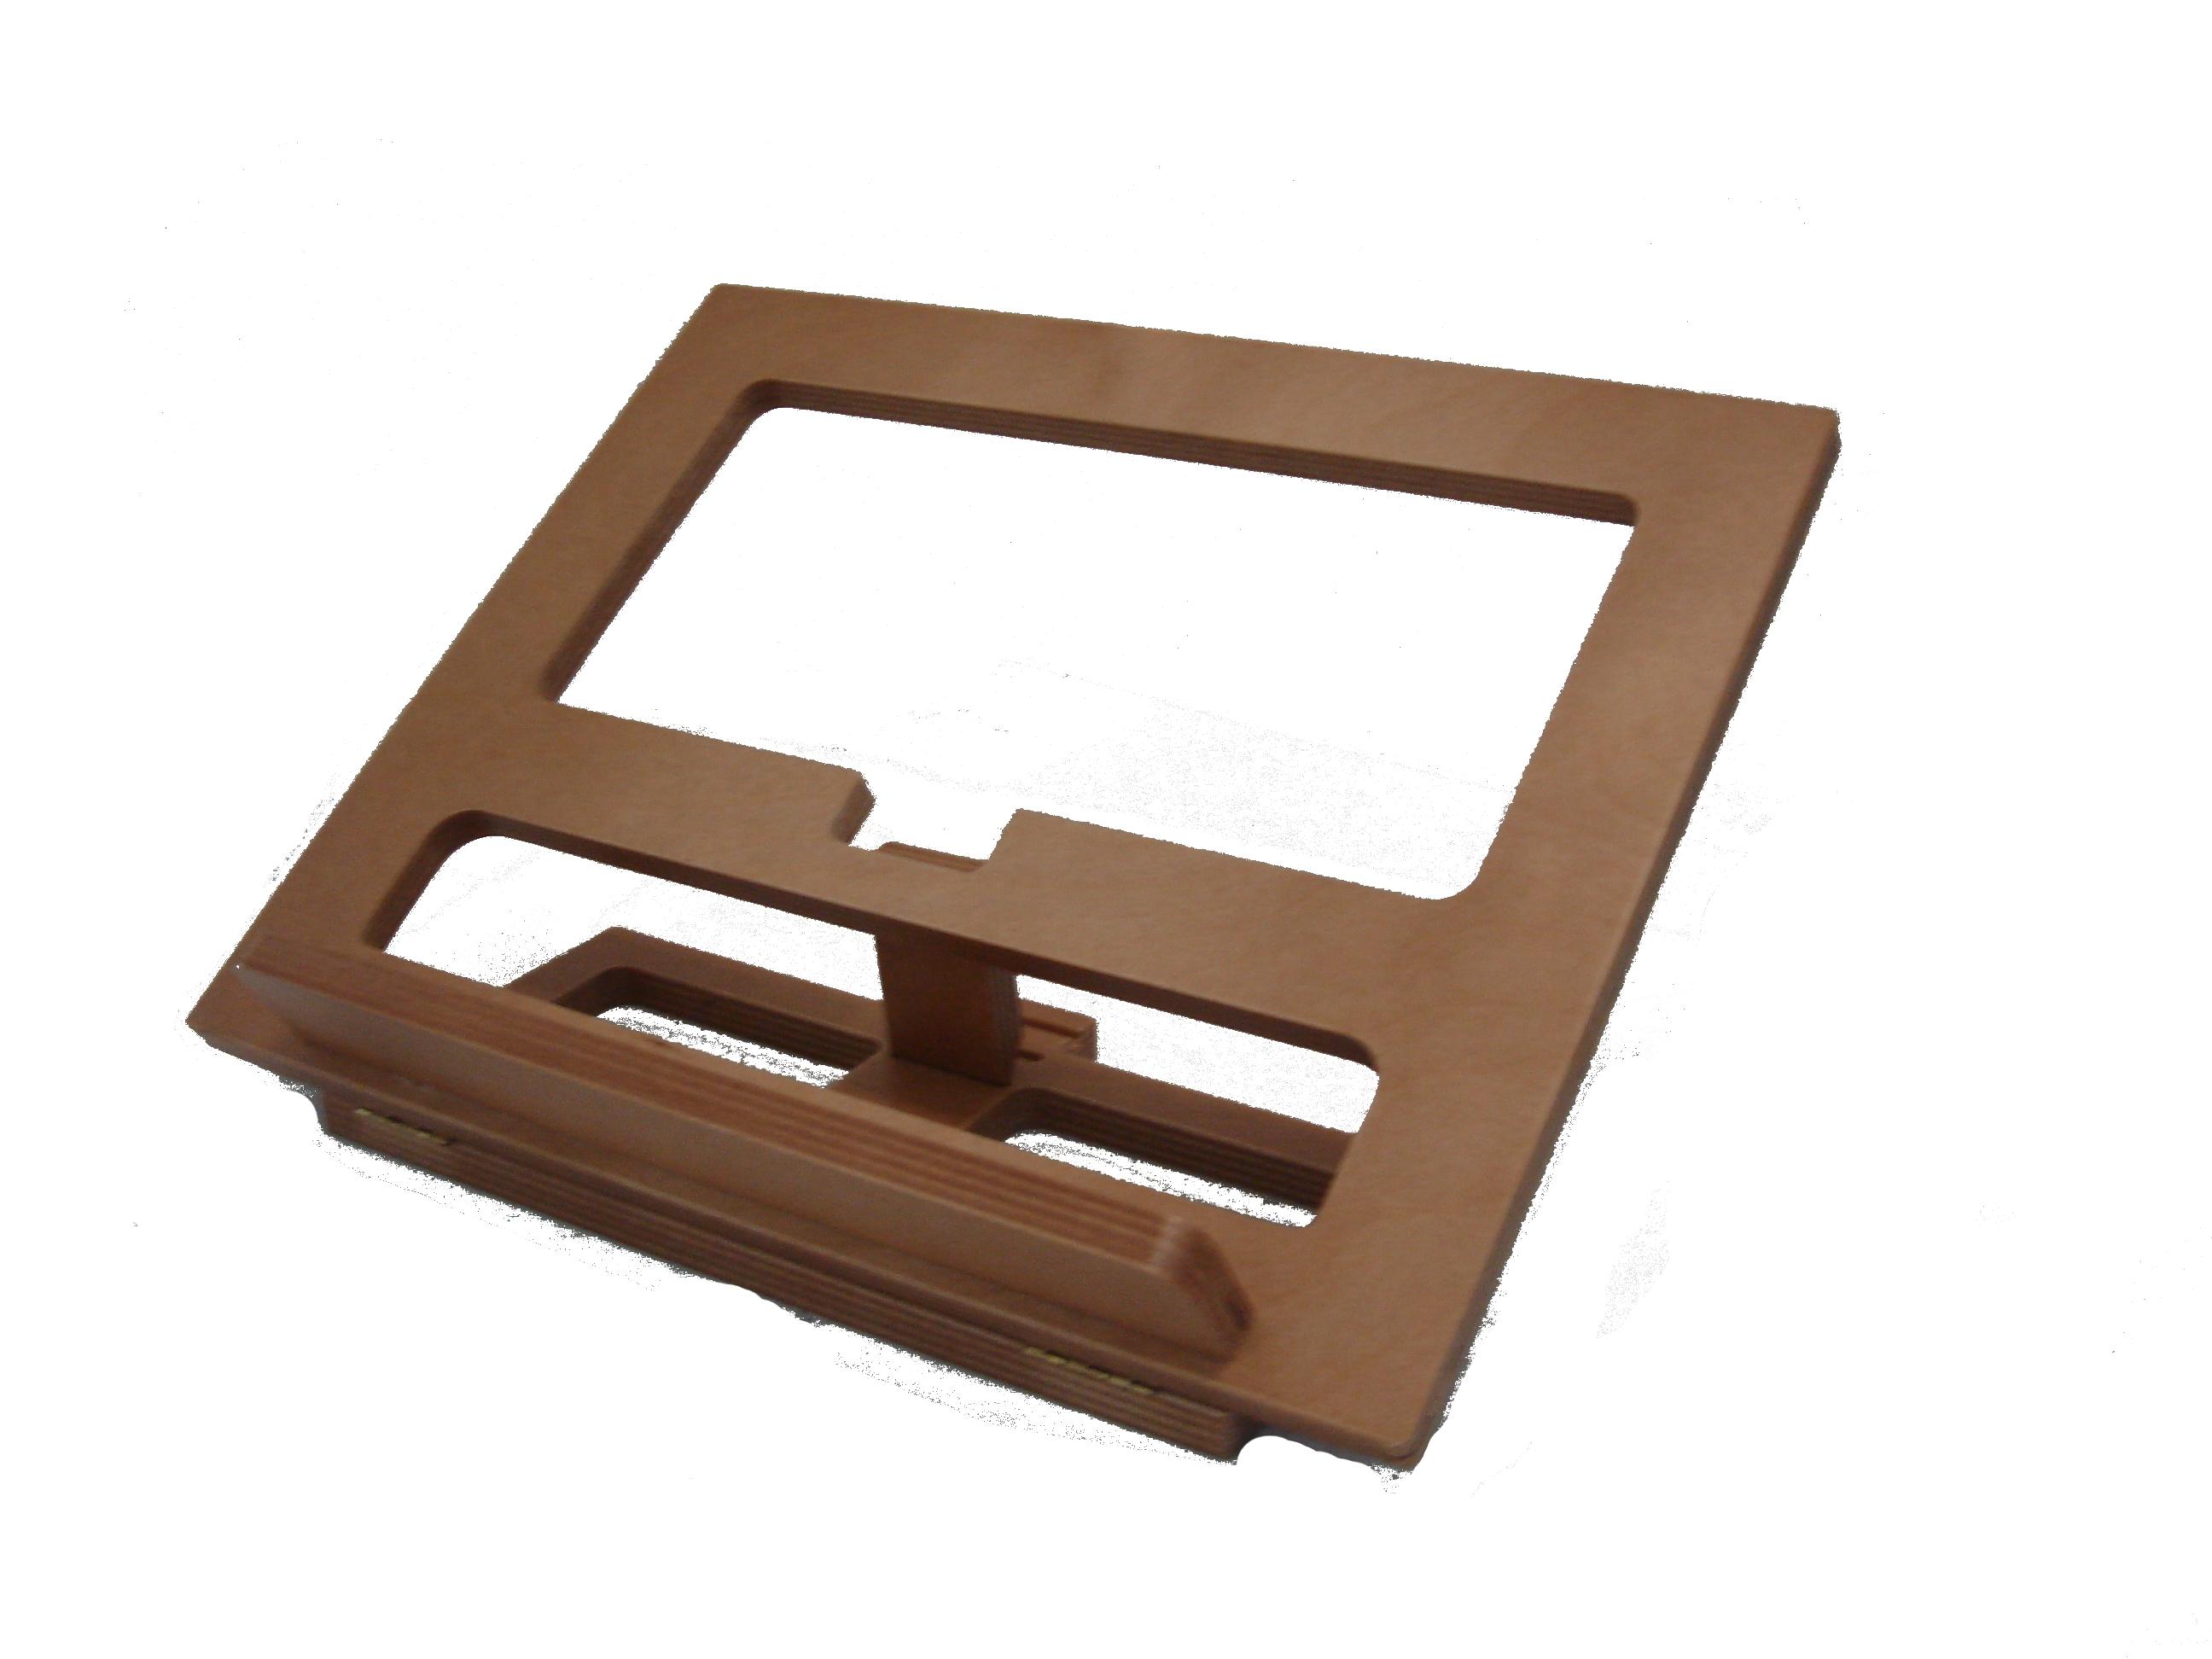 Extreme mus12n leggio da tavolo in legno inclinazione - Costruire un leggio da tavolo ...